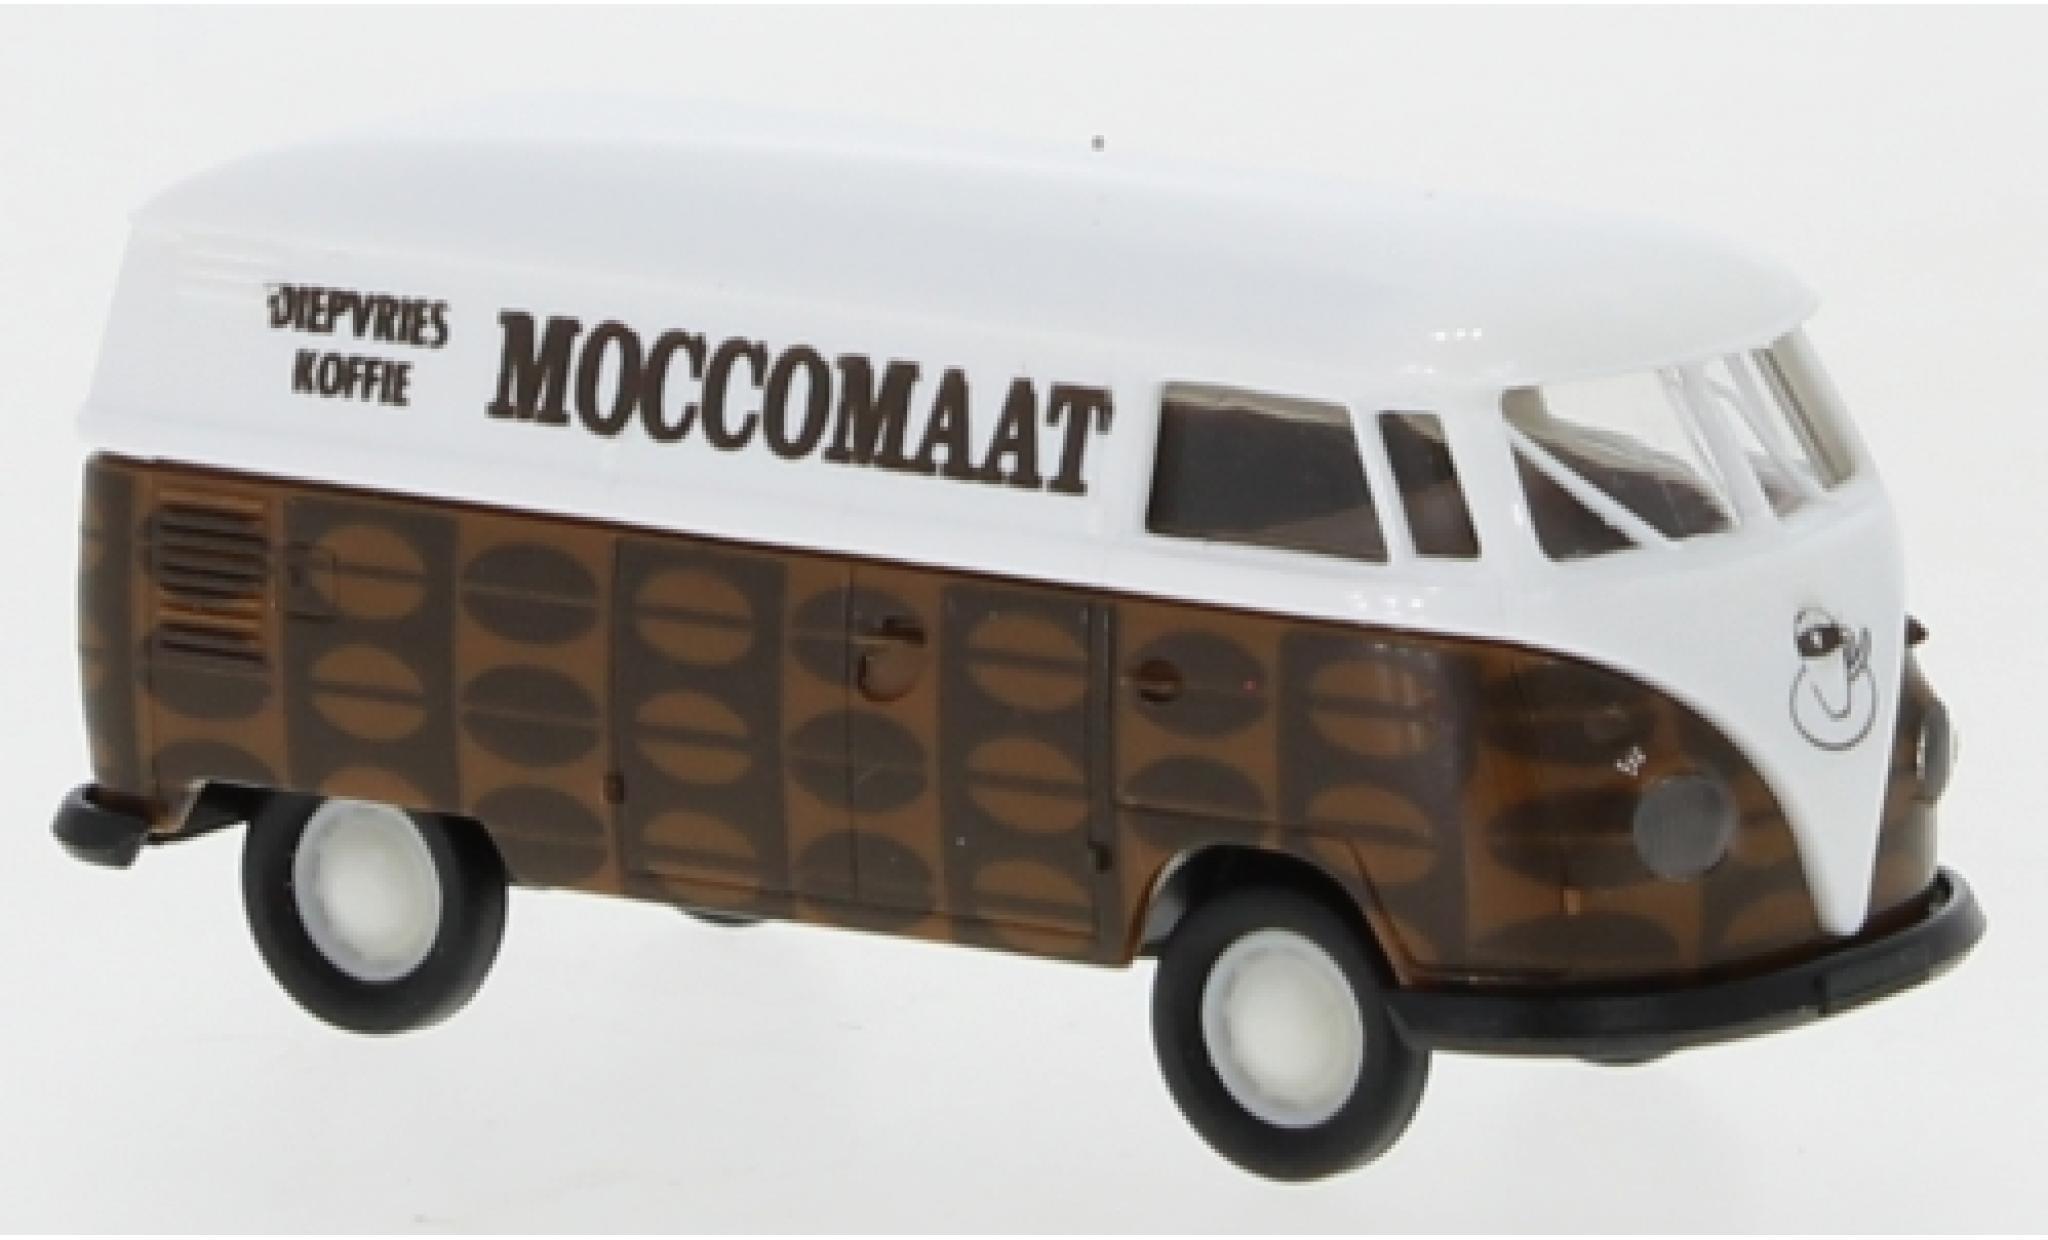 Volkswagen T1 1/87 Brekina b Kasten Moccomaat Koffie